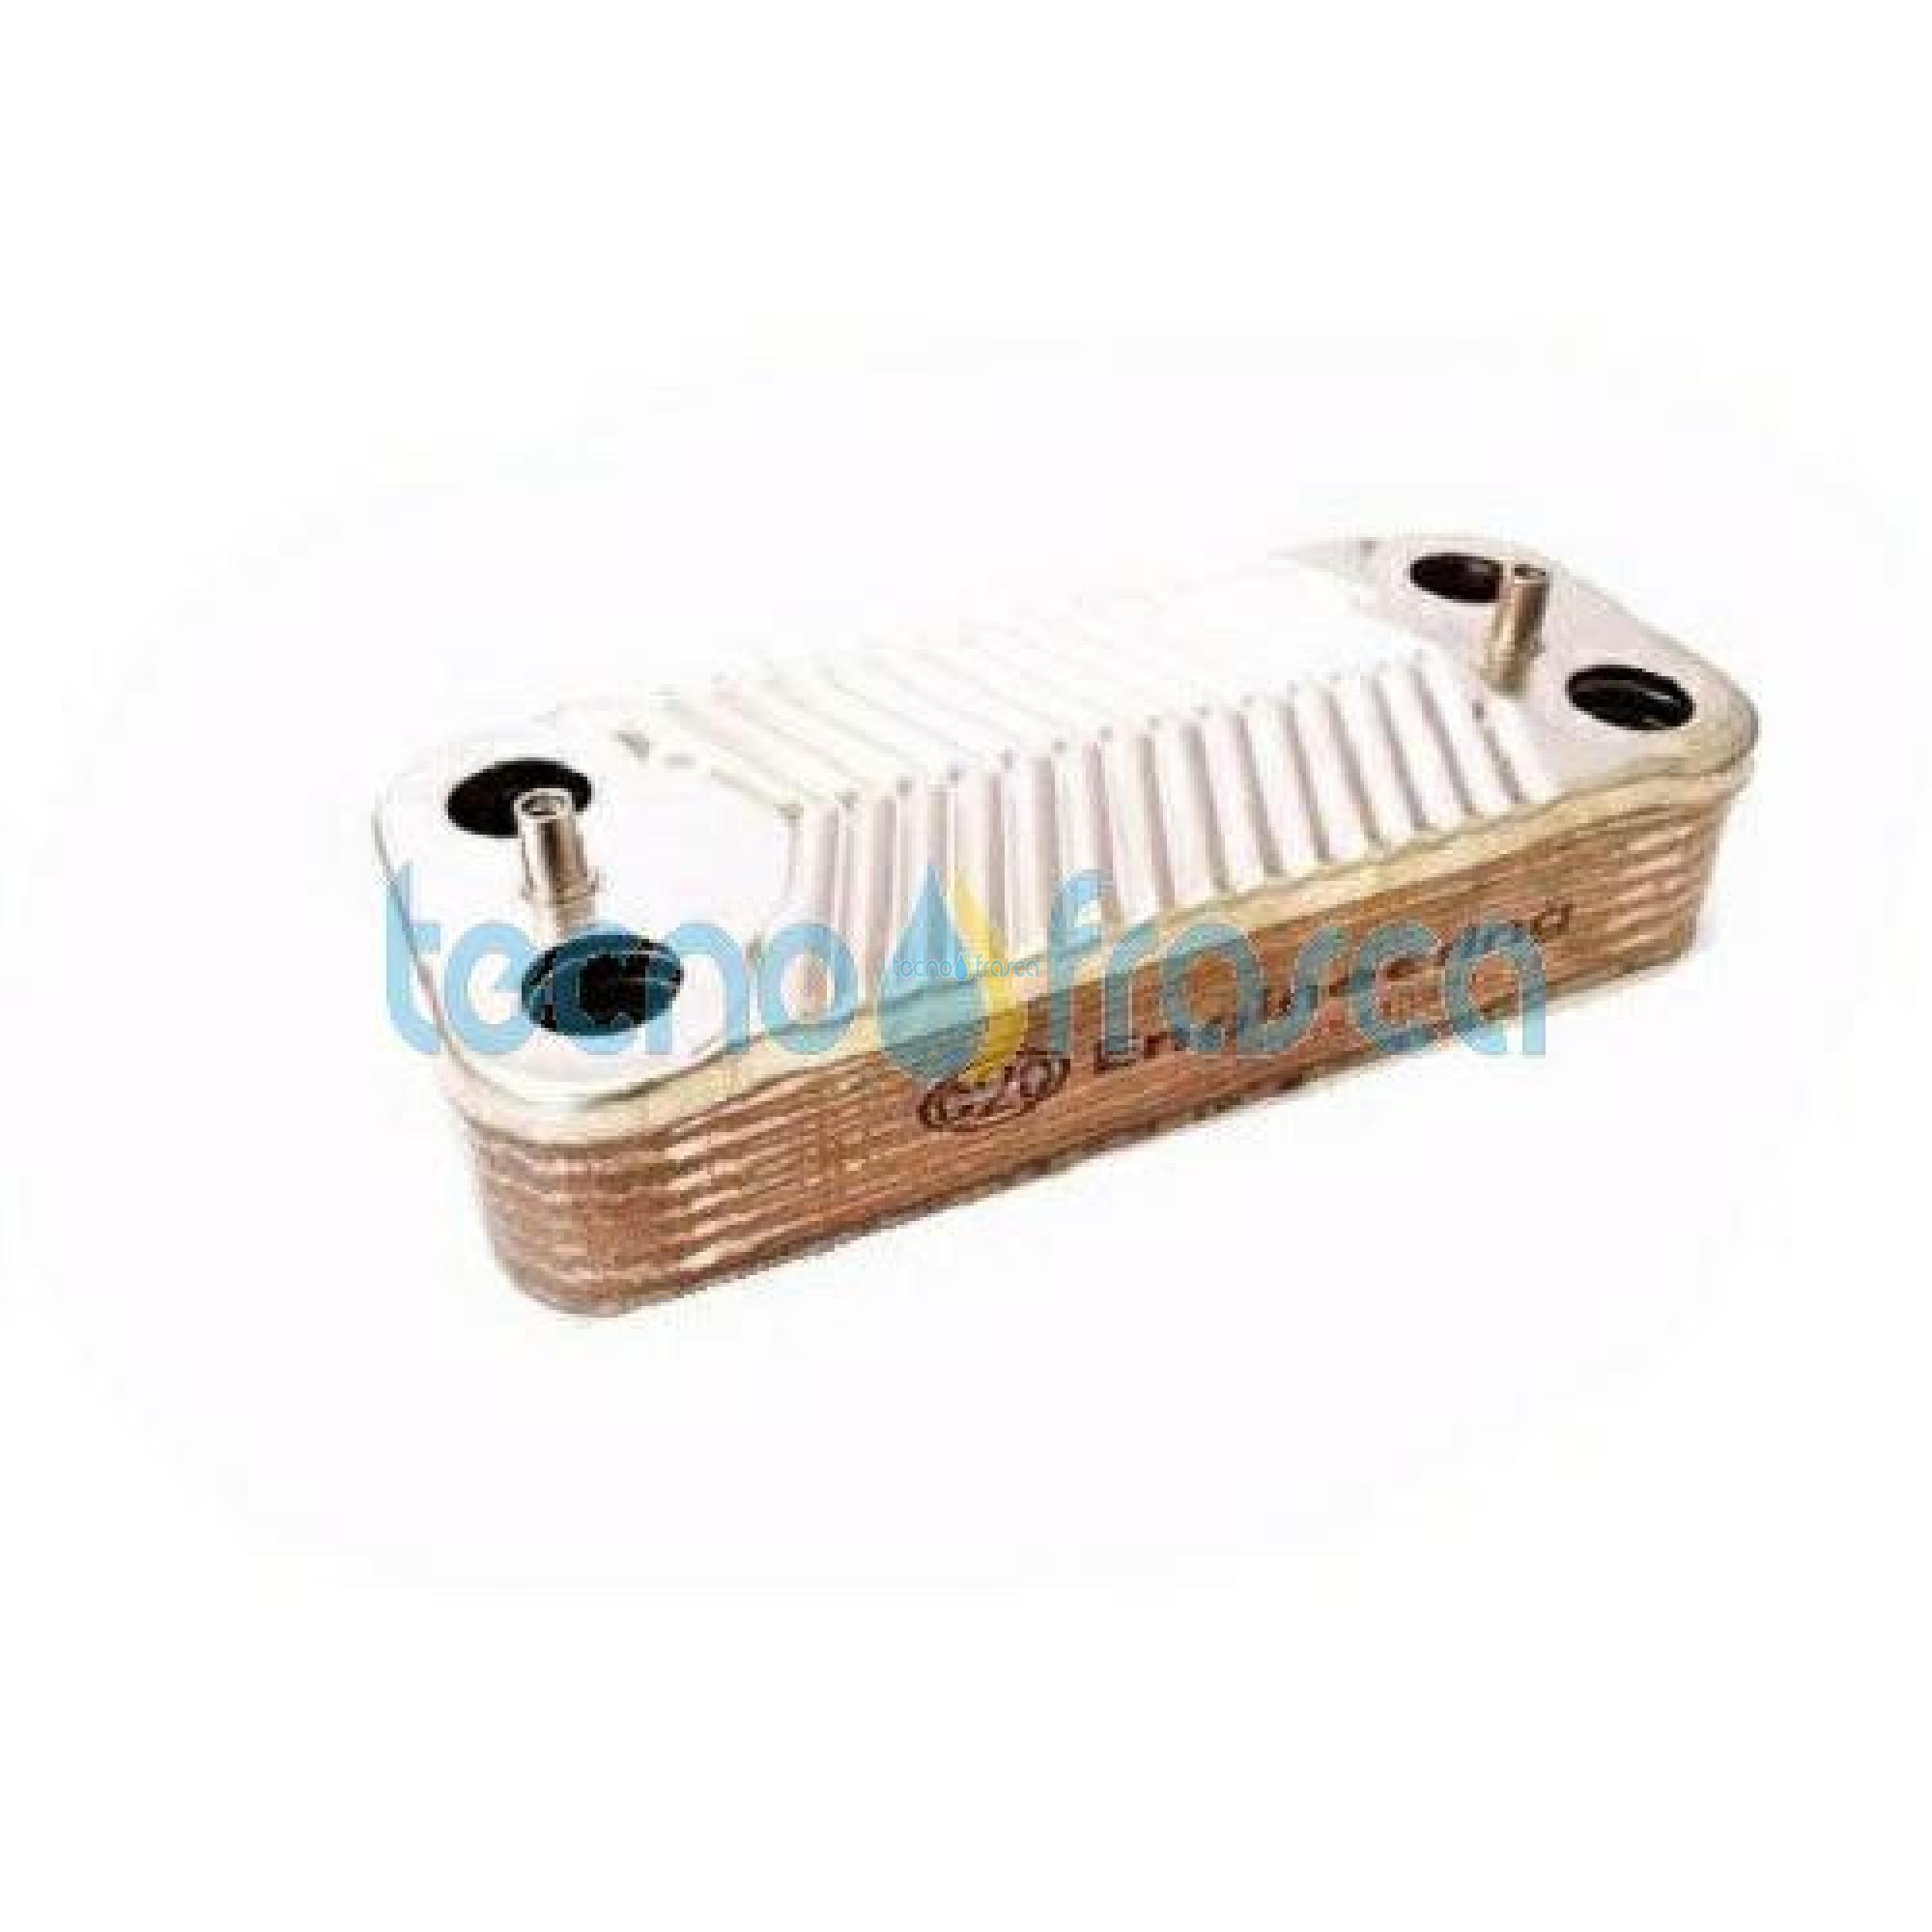 Scambiatore 12 piastre buderus logamax 102 24 kw compatibile scr020b